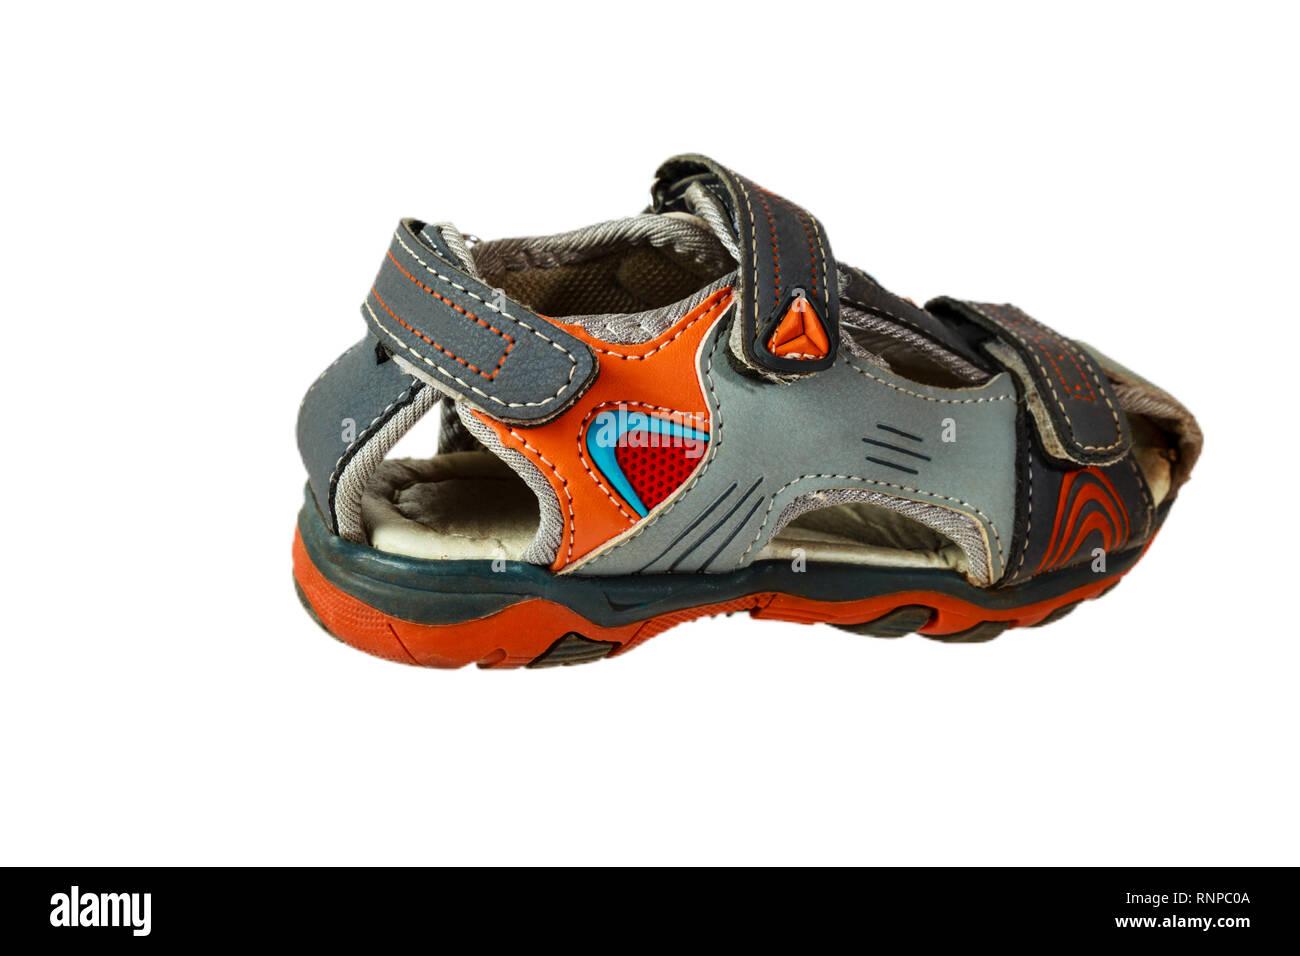 6ff65887031a6 L un des chaussures sandales bébé isolé sur fond blanc Photo Stock